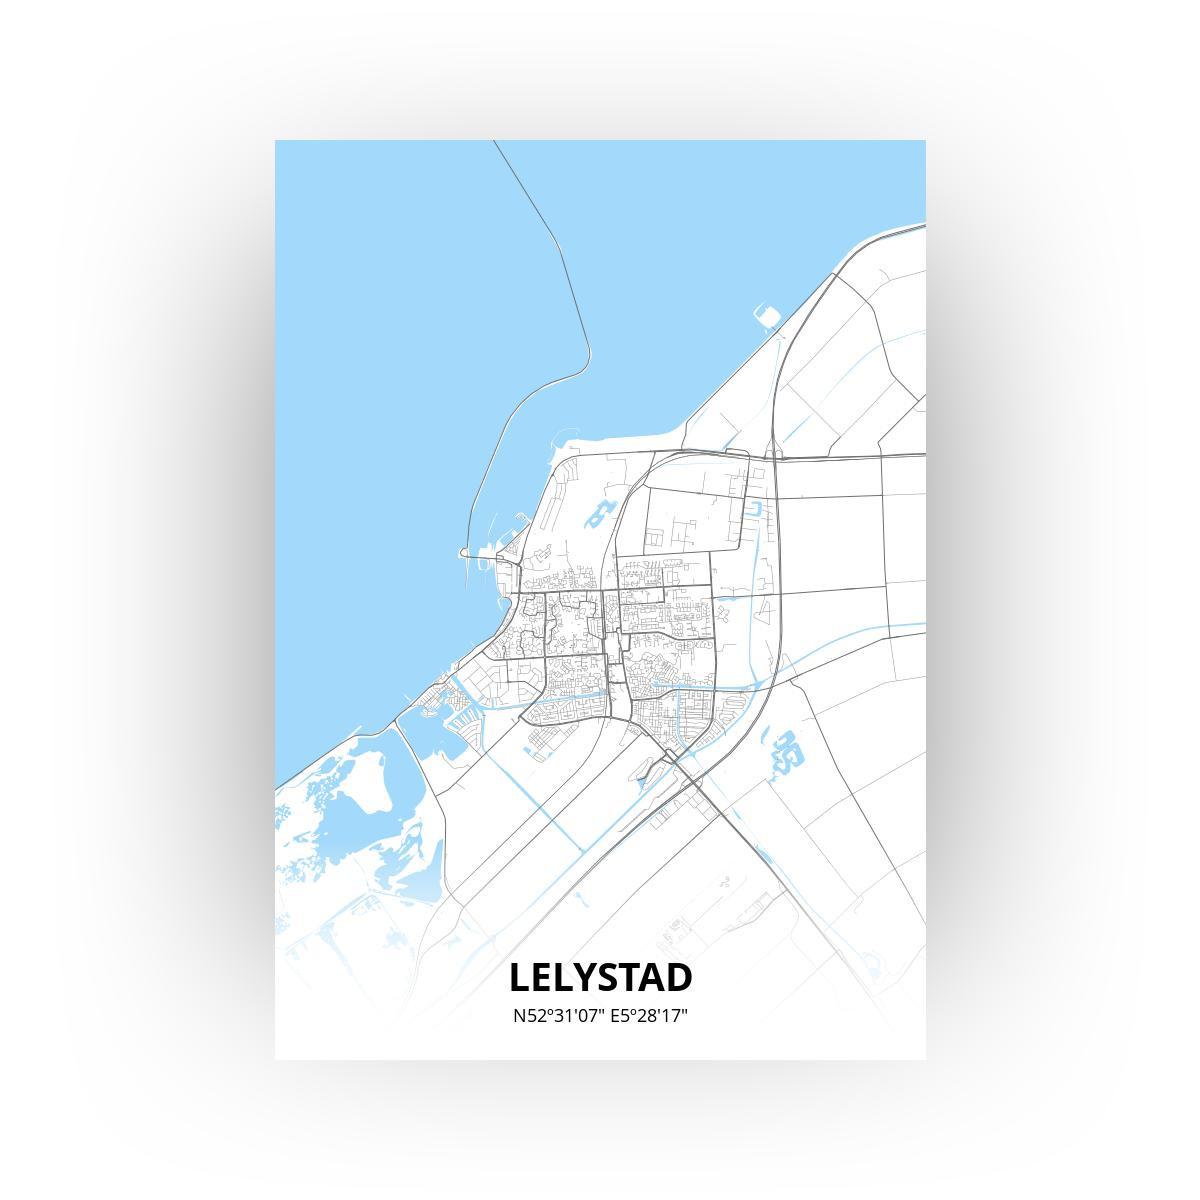 Lelystad print - Standaard stijl